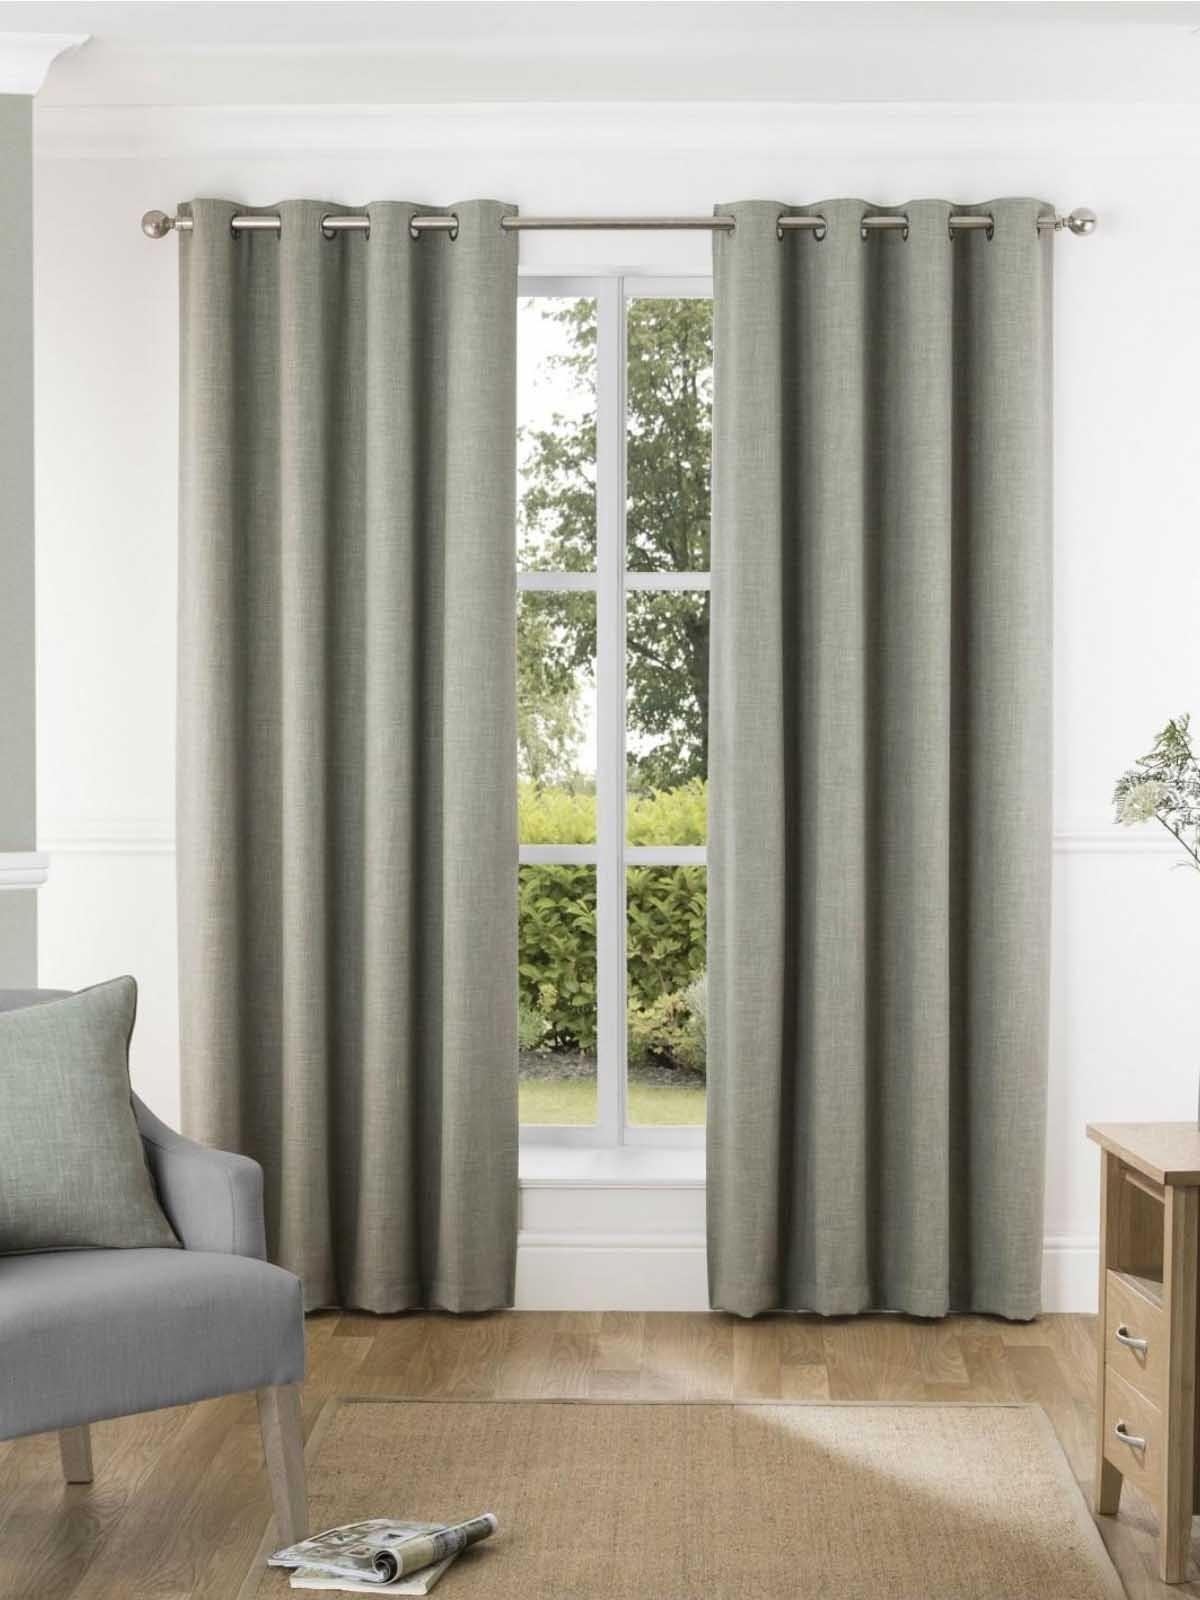 harlow blackout eyelet curtains green ponden home. Black Bedroom Furniture Sets. Home Design Ideas